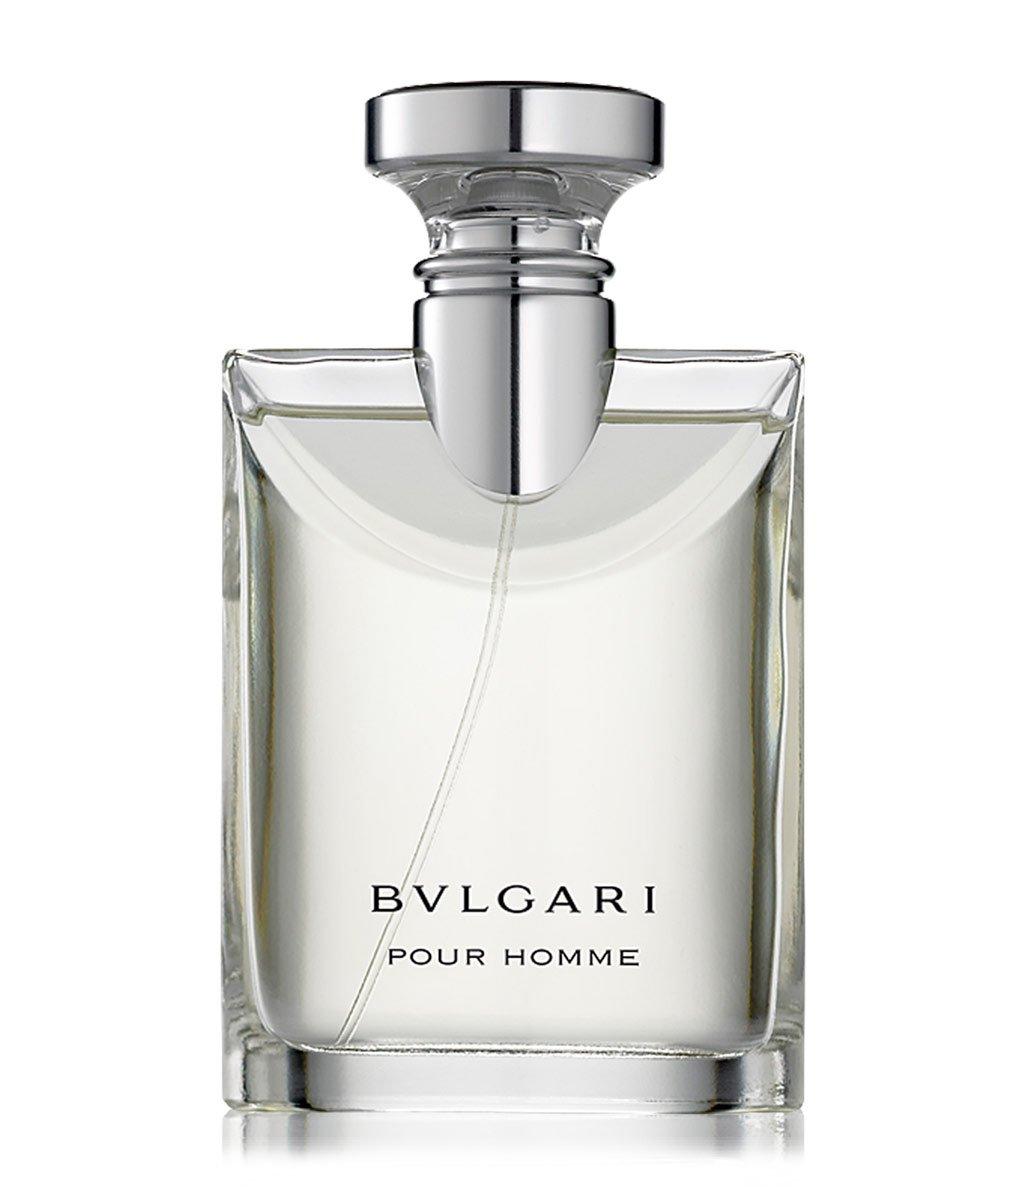 bvlgari pour homme parfum online bestellen flaconi. Black Bedroom Furniture Sets. Home Design Ideas